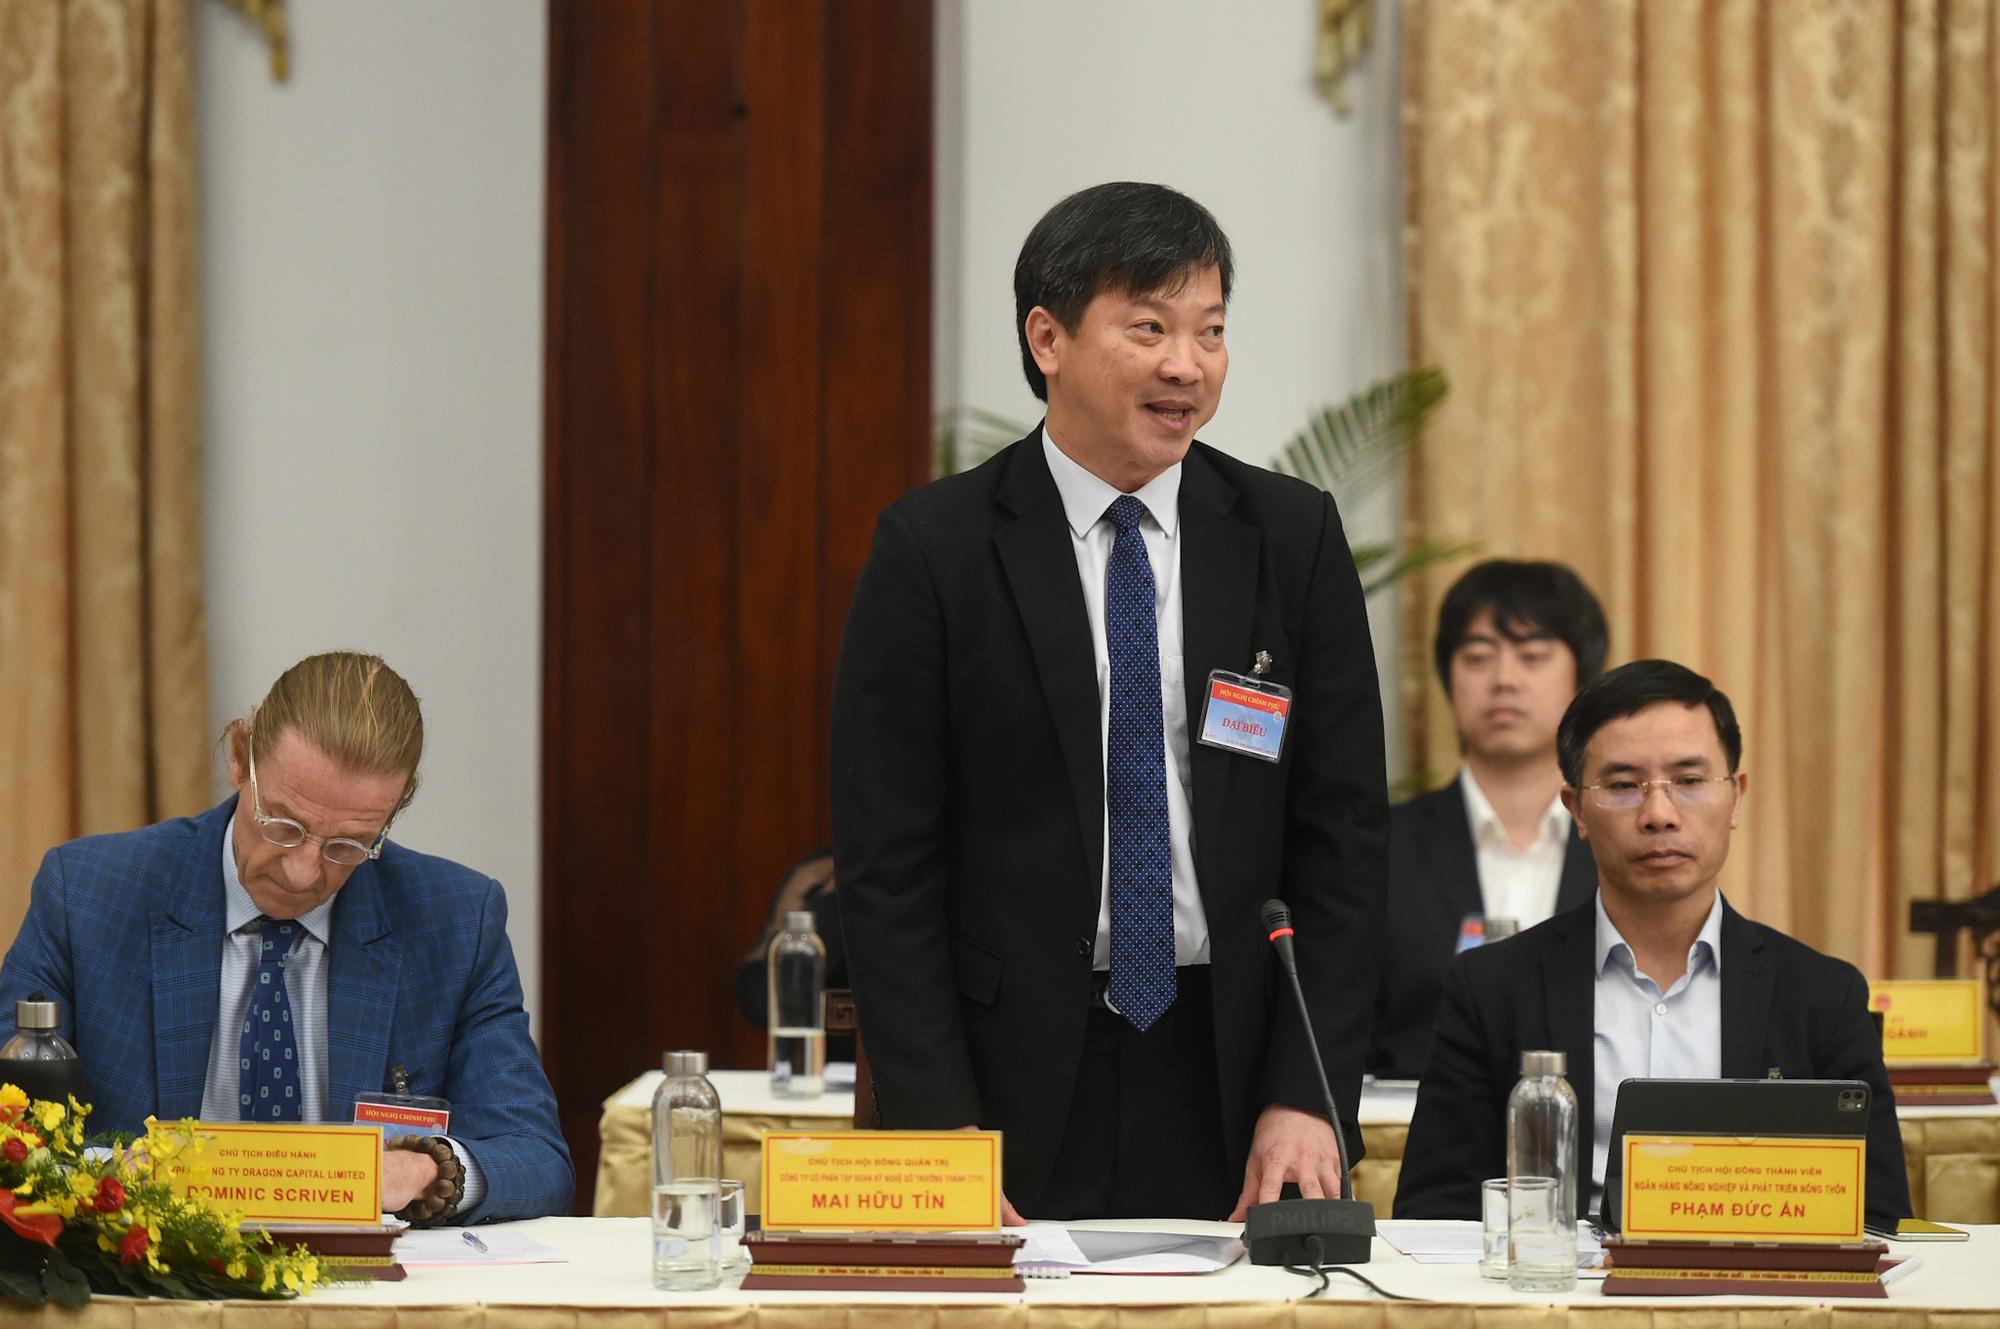 Ngành gỗ Việt Nam đứng thứ 2 thế giới, là ngành duy nhất tăng trưởng 2 con số trong suốt 18 năm - Ảnh 1.